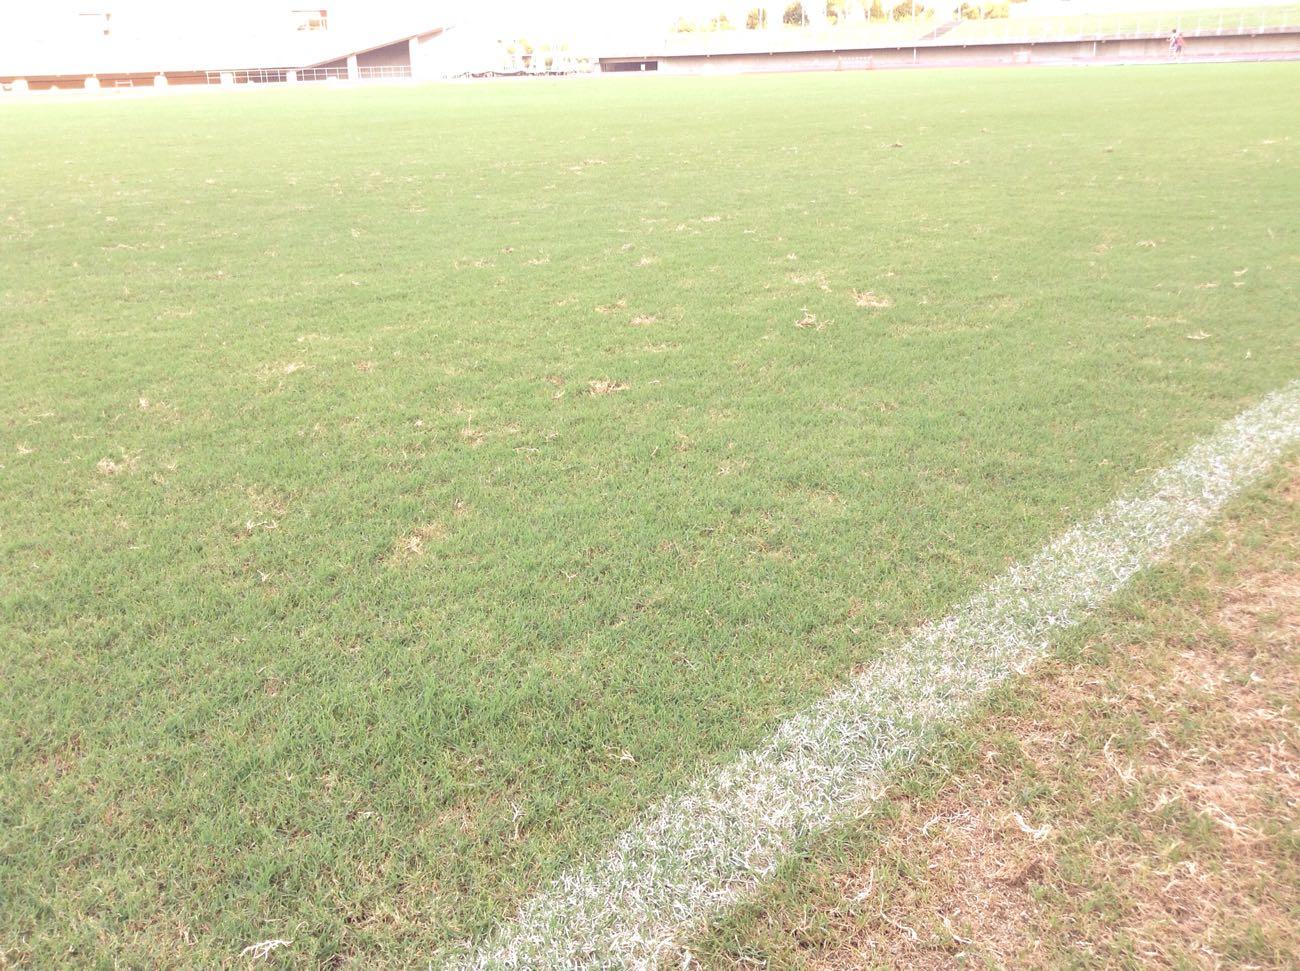 サッカーのフィールドは立ち入り禁止